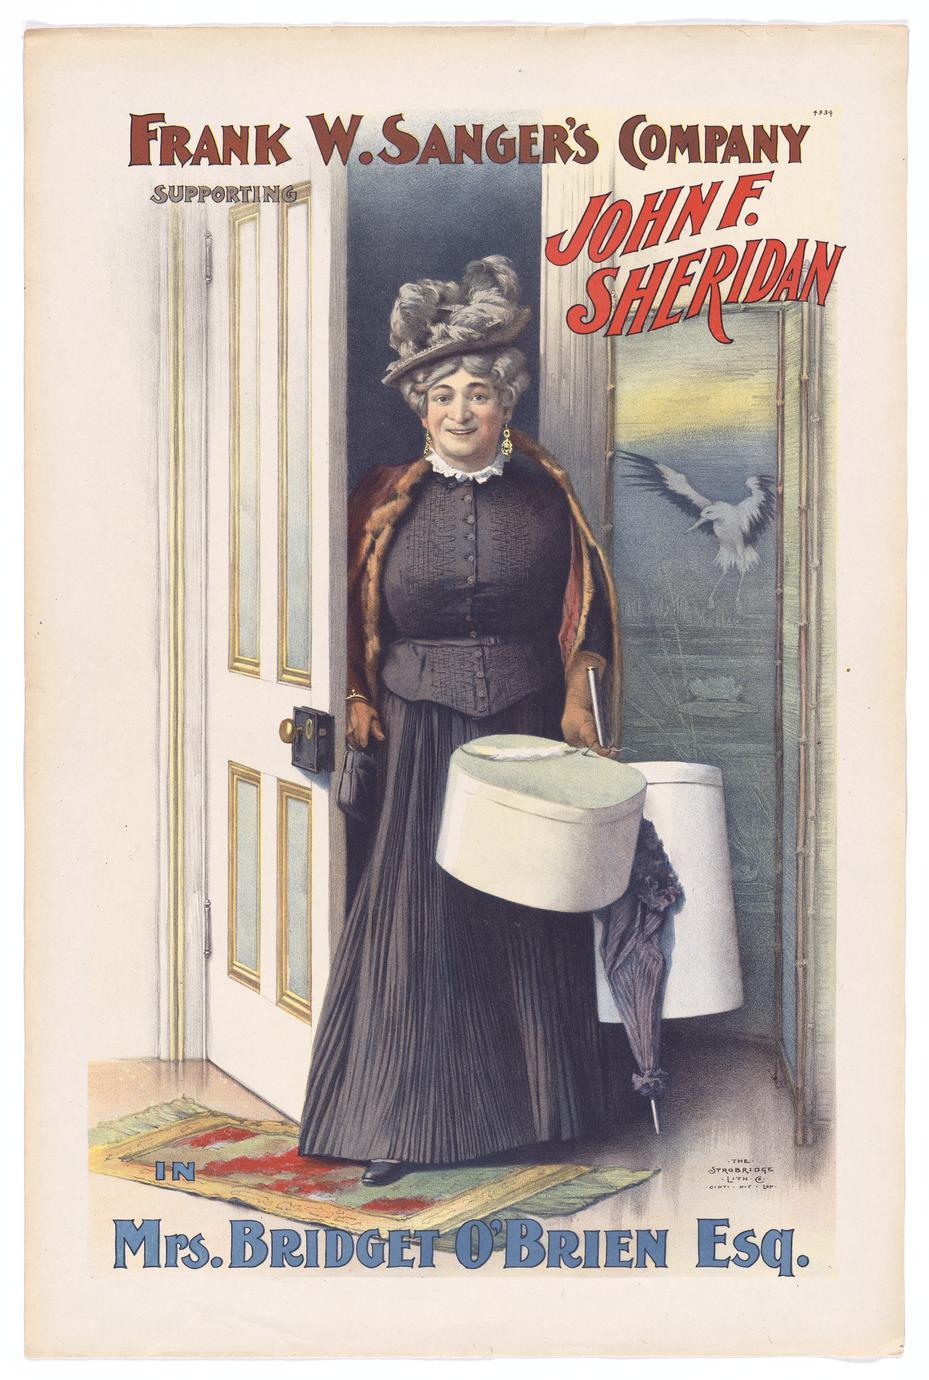 Mrs. Bridget O'Brien, Esq.